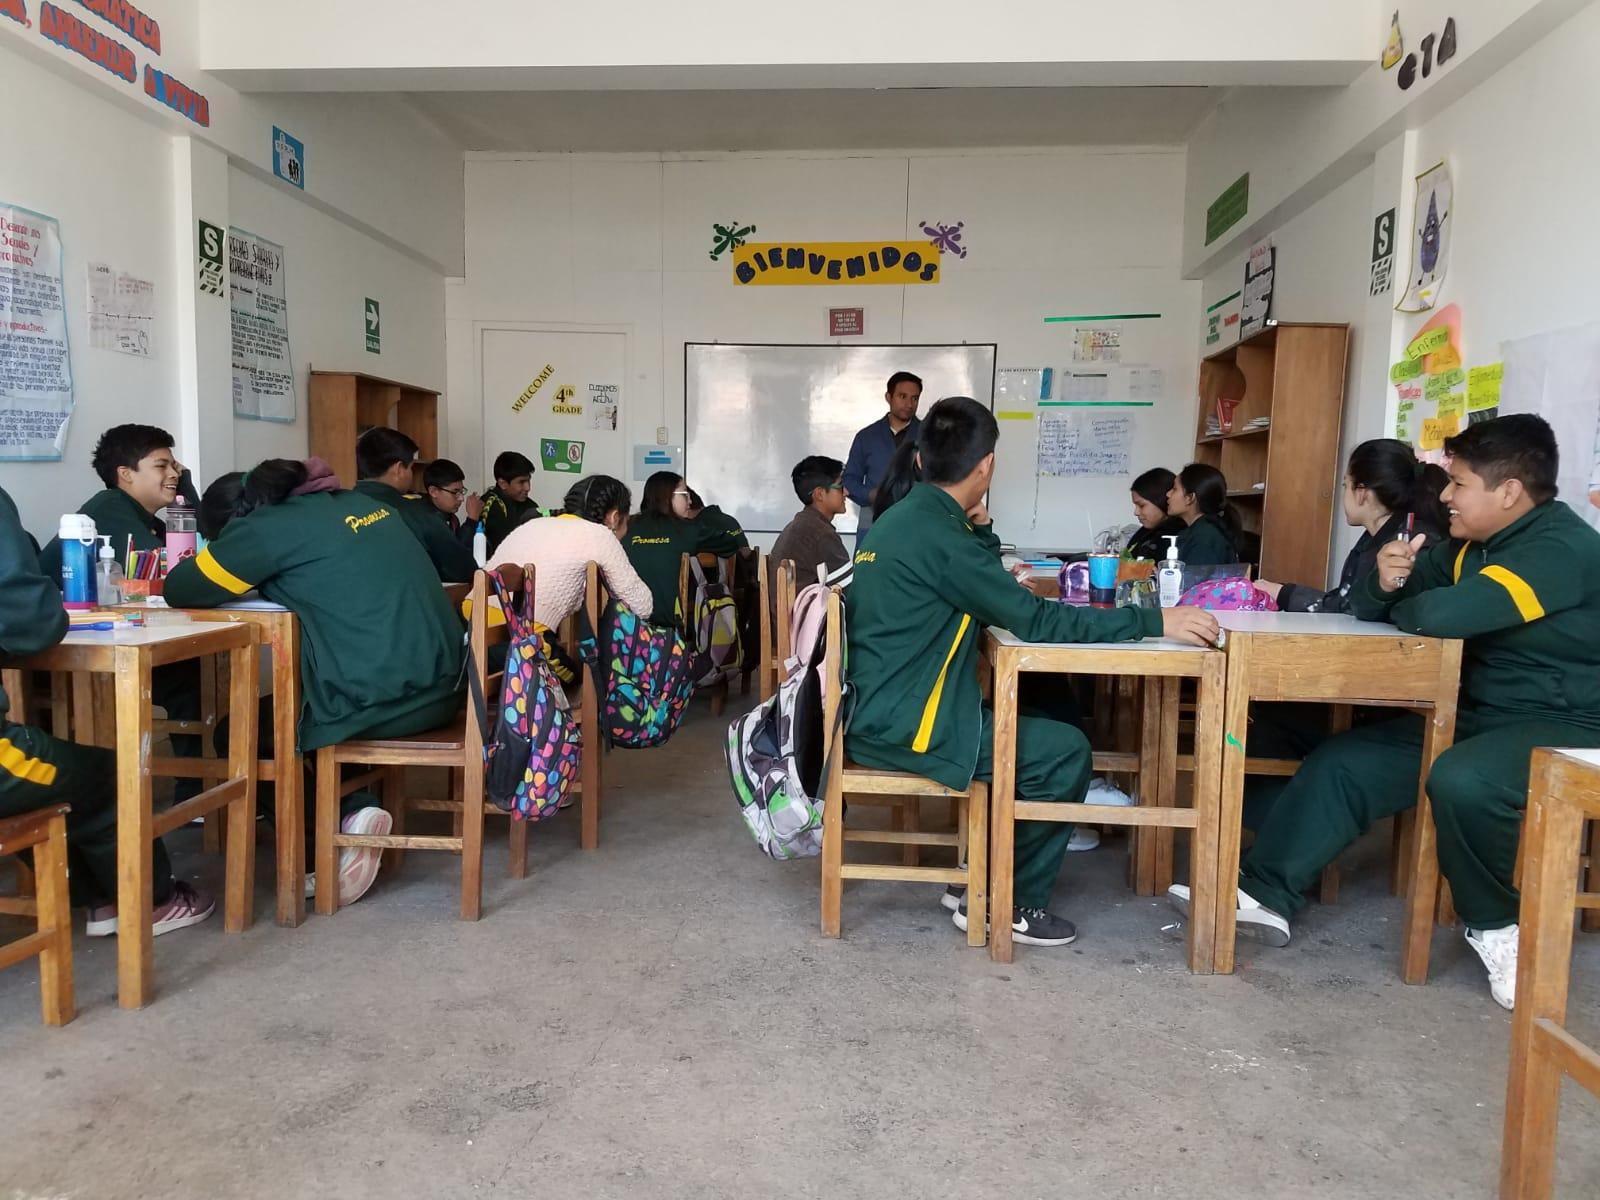 High school class